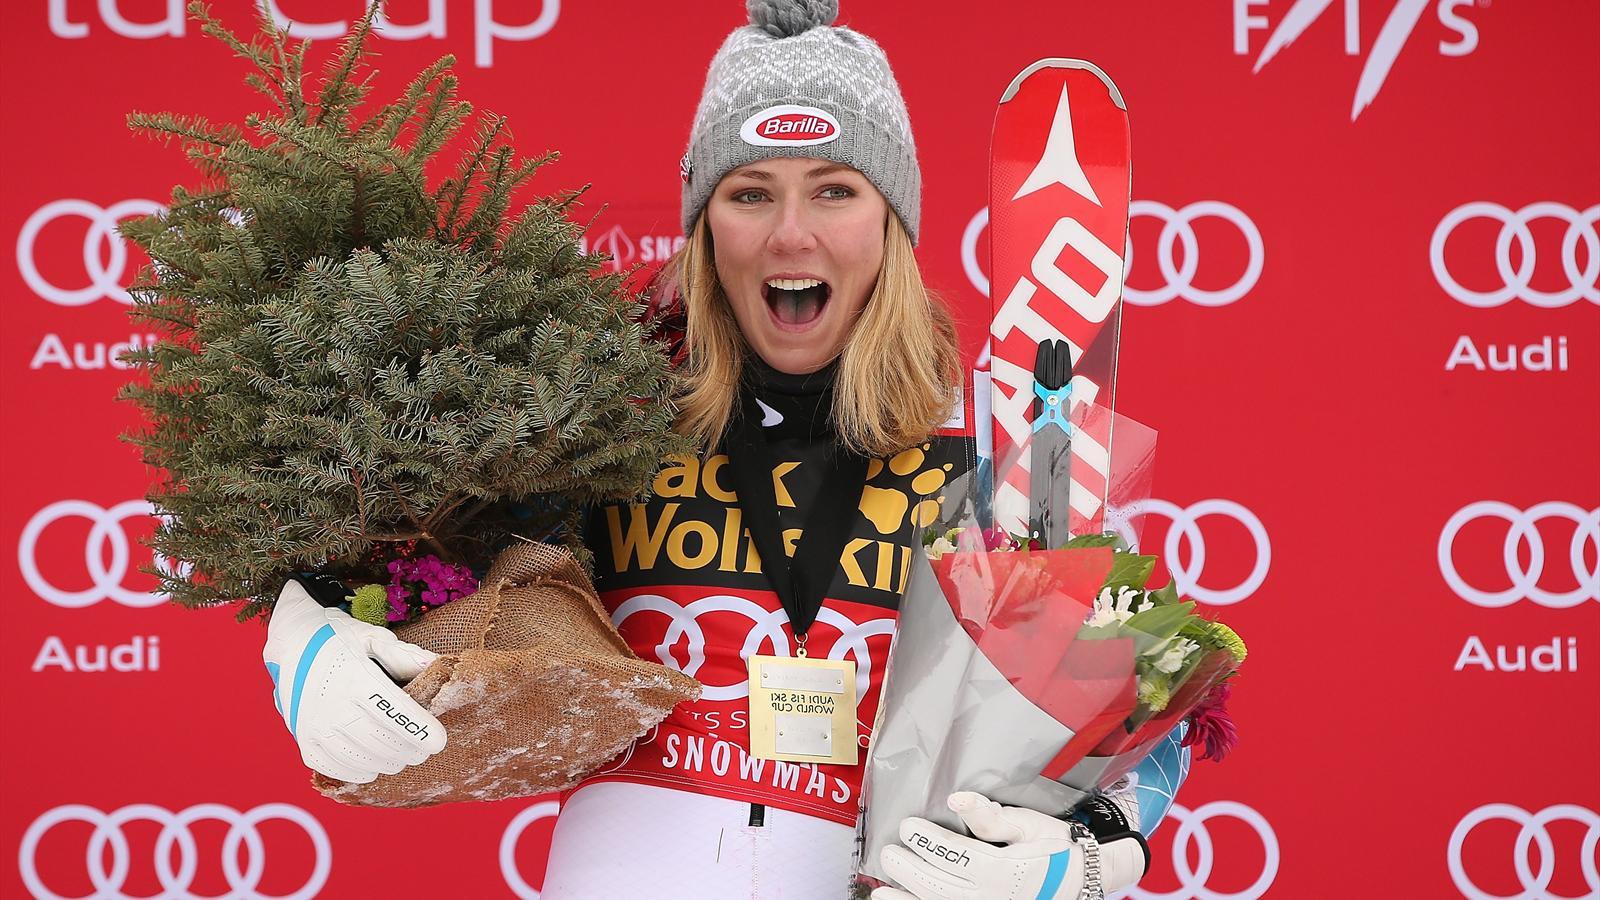 L 39 histoire attend shiffrin semmering 2016 2017 ski - Coupe du monde ski alpin 2015 calendrier ...